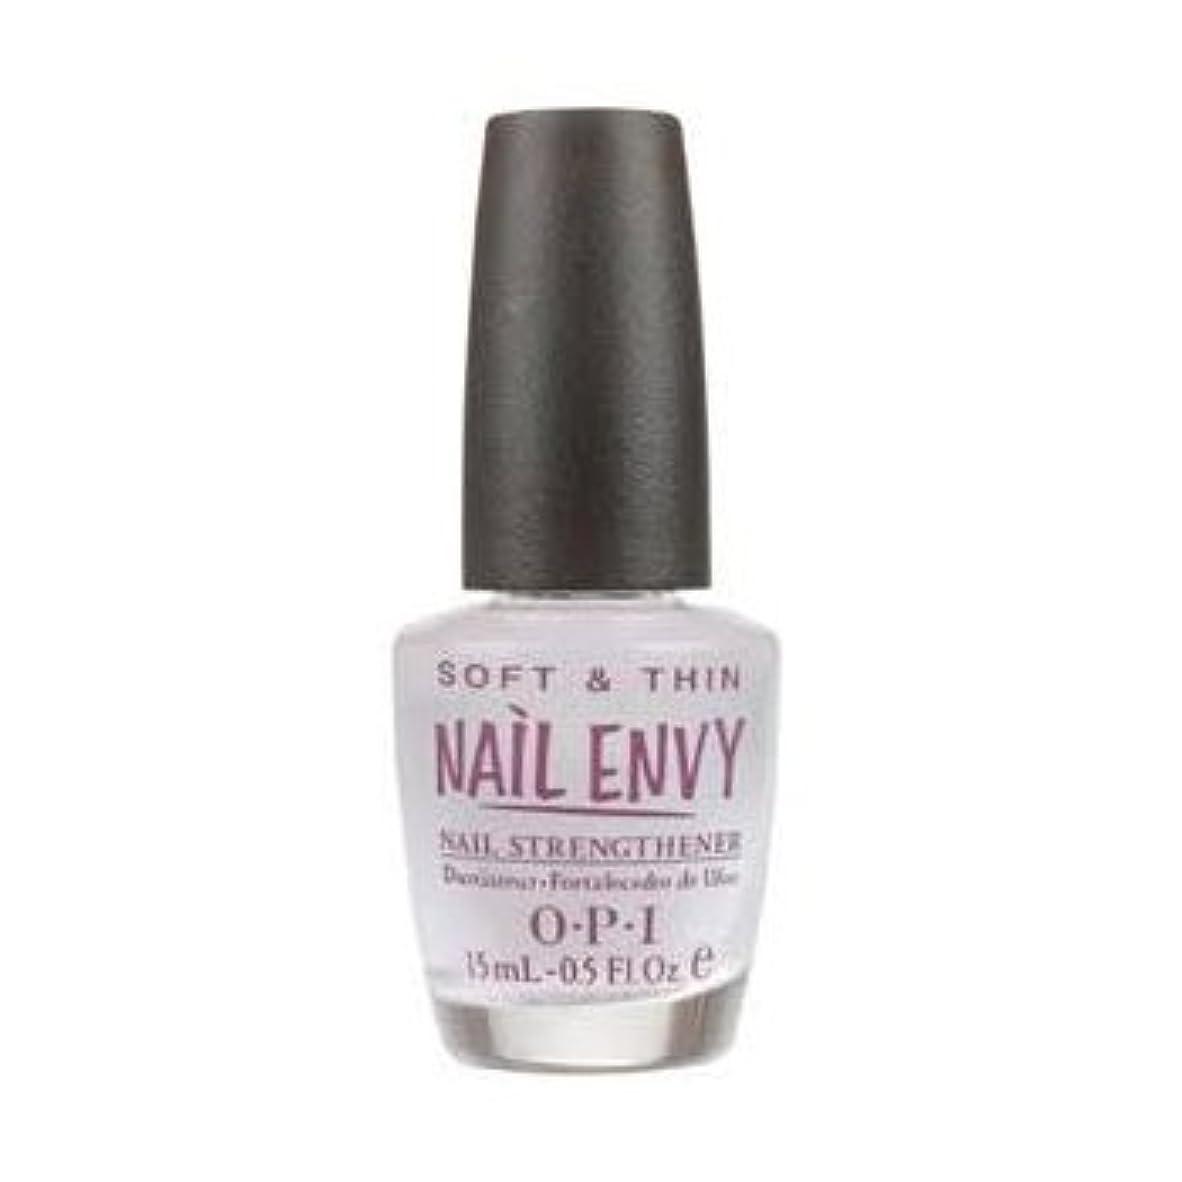 靴下アノイミスペンドOPI Nail Polish Nail Envy Soft & Thin Natural Nail Strengthener For Soft, Thin Nails